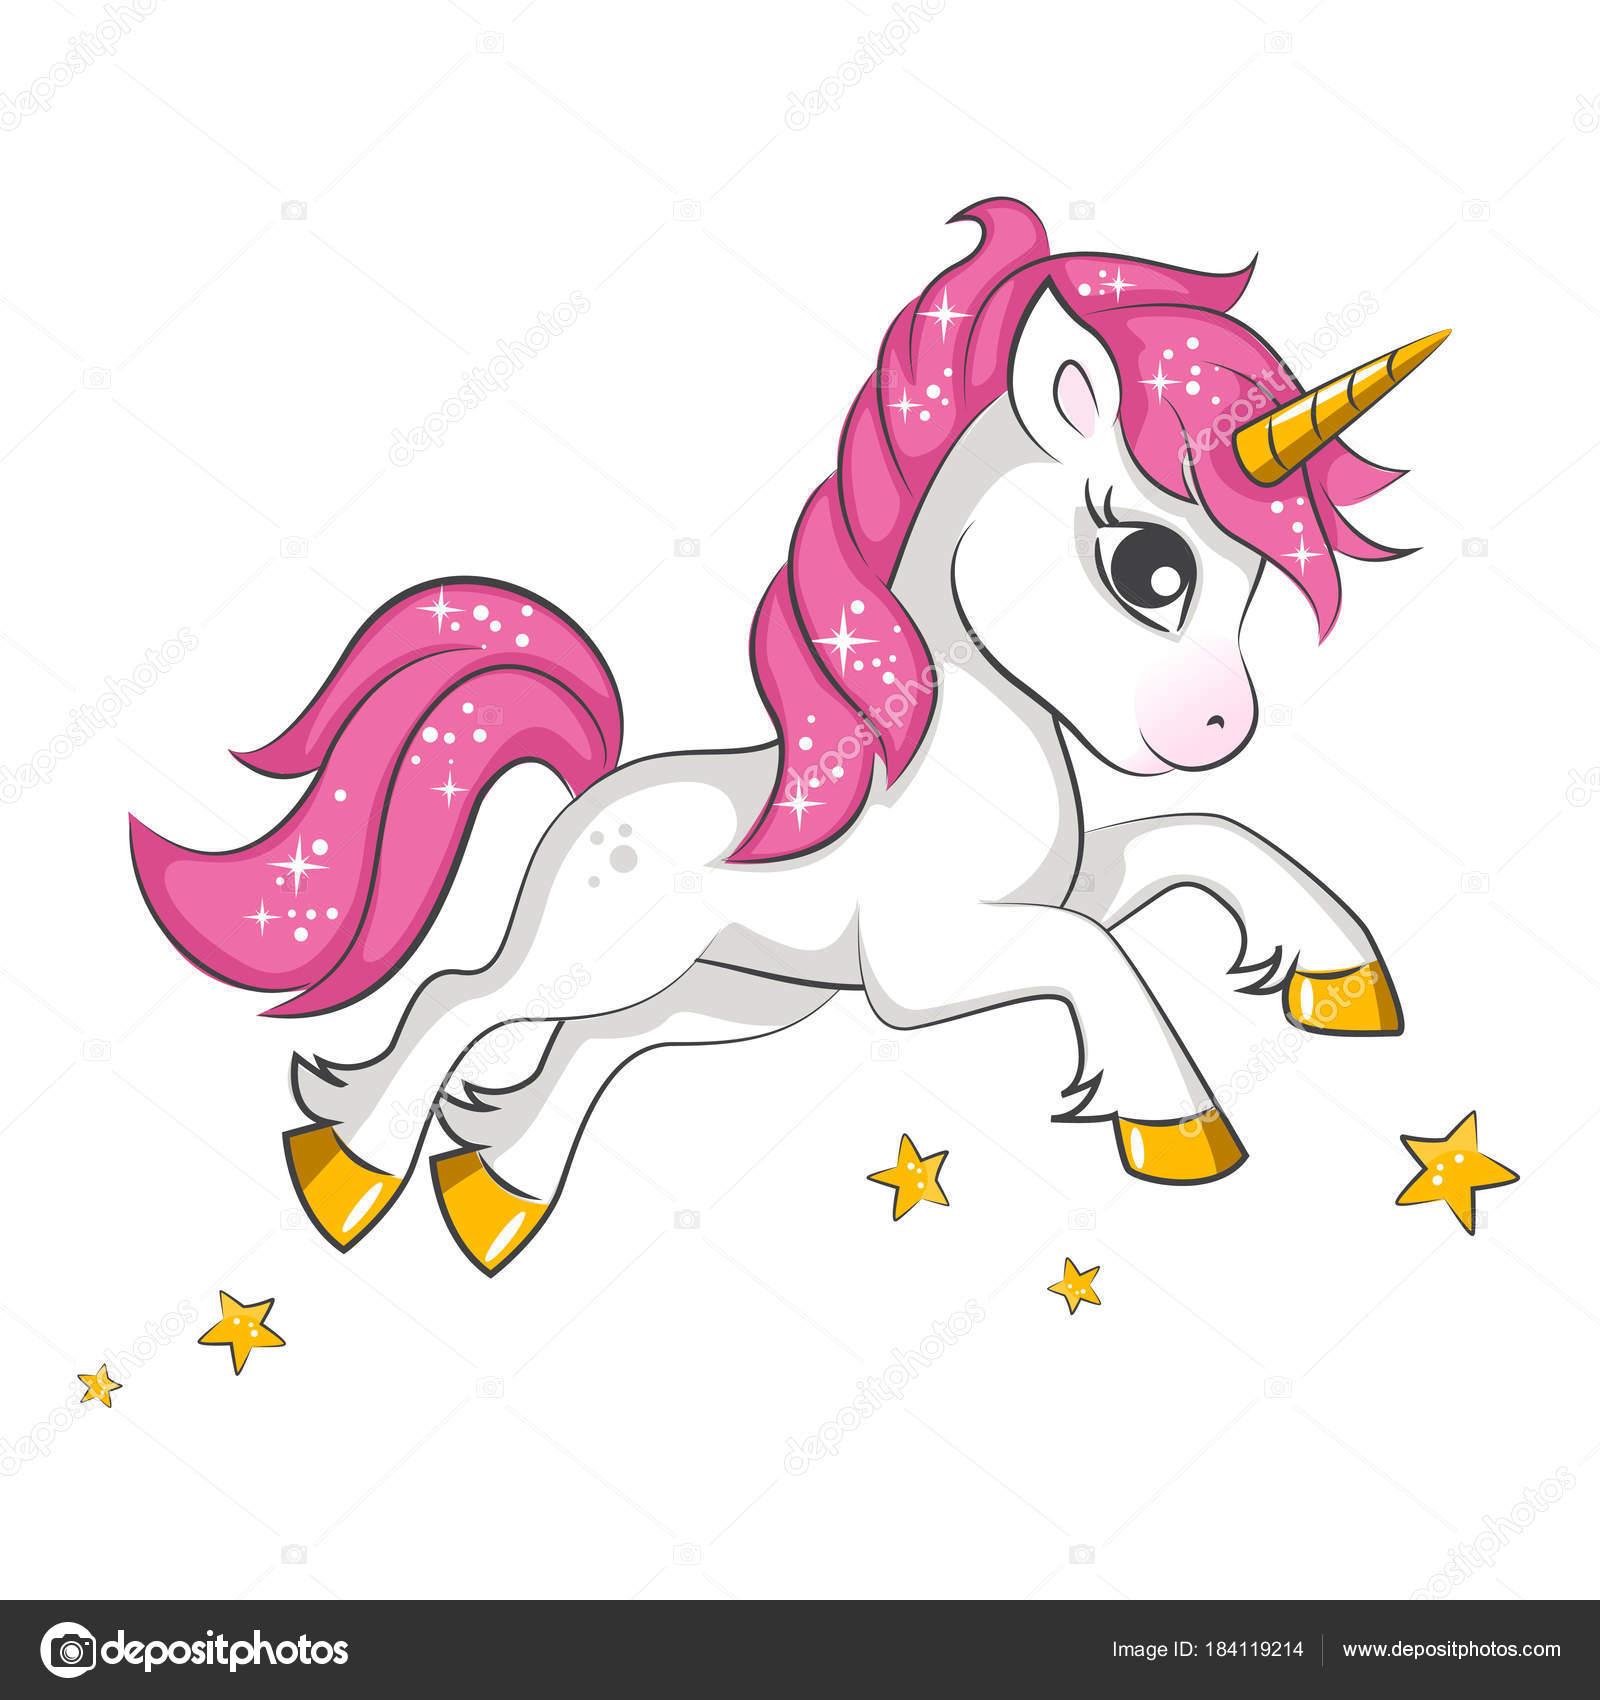 mignonne petite licorne magique rose dessin vectoriel sur fond blanc image vectorielle. Black Bedroom Furniture Sets. Home Design Ideas